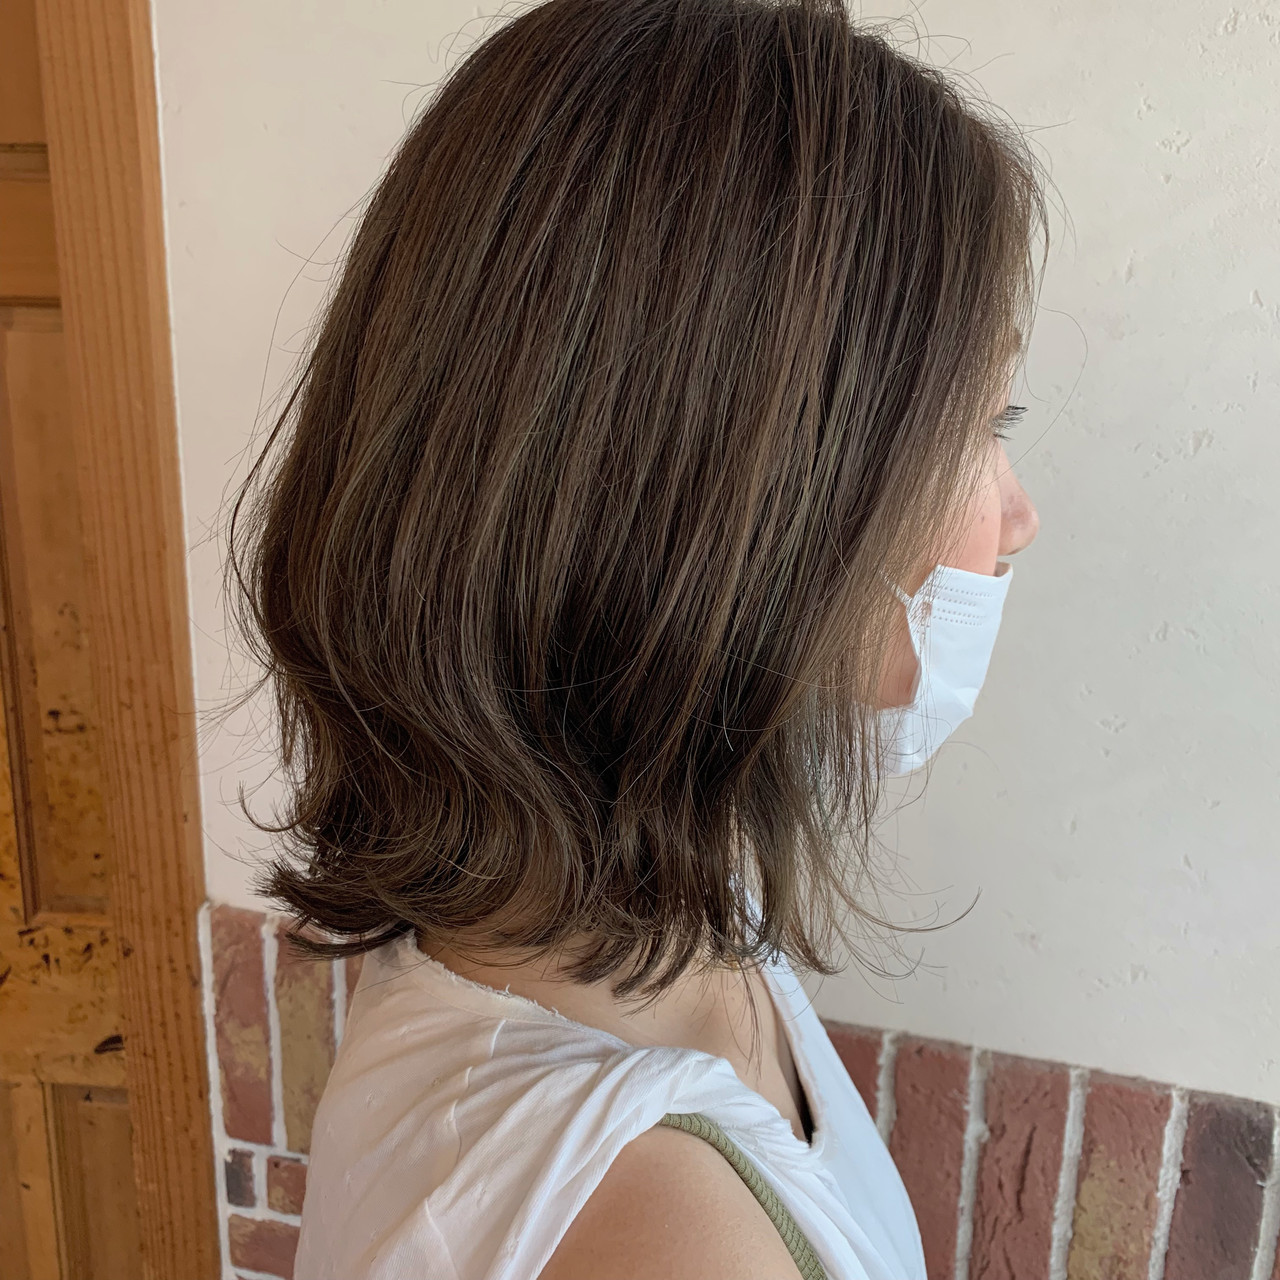 外ハネボブ ボブ ハイライト オリーブベージュ ヘアスタイルや髪型の写真・画像